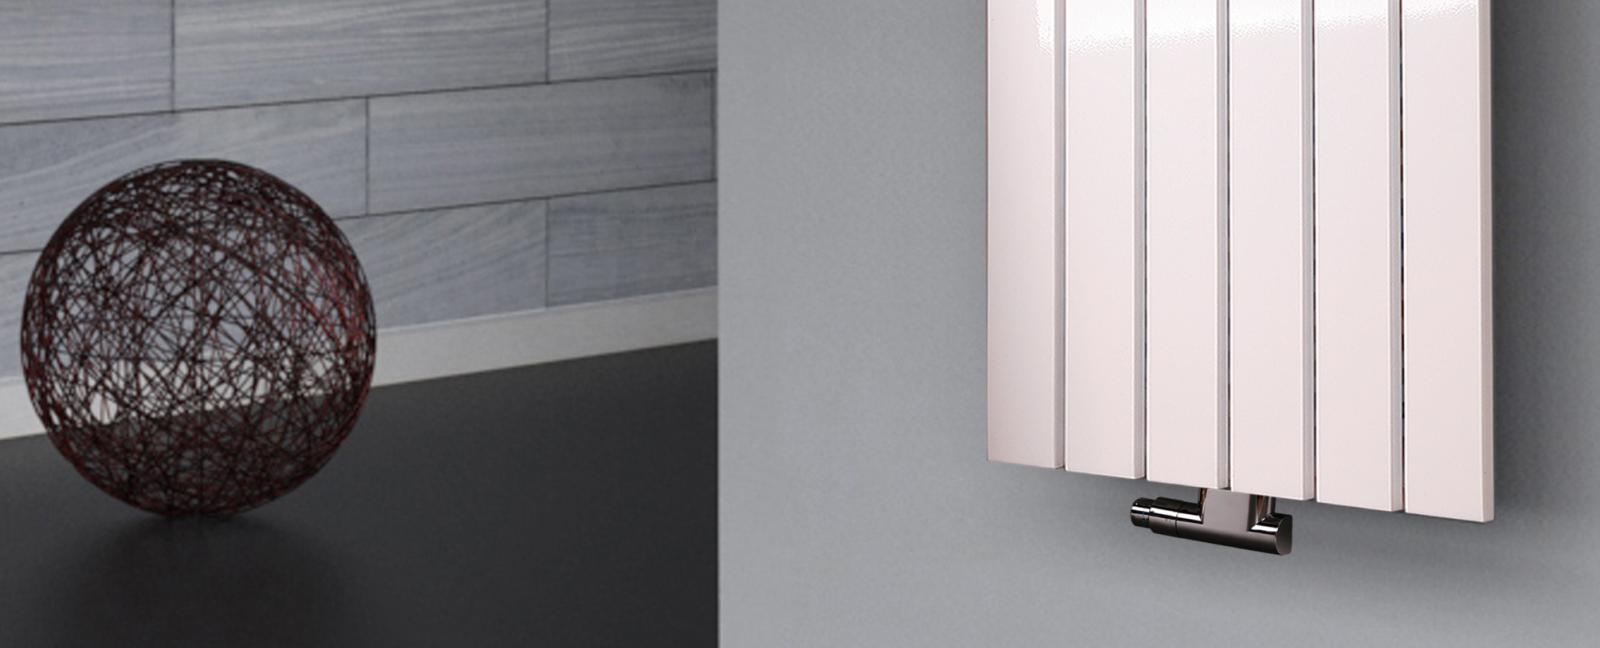 Full Size of Handtuchhalter Heizkörper Wohnzimmer Bad Für Badezimmer Küche Elektroheizkörper Wohnzimmer Handtuchhalter Heizkörper